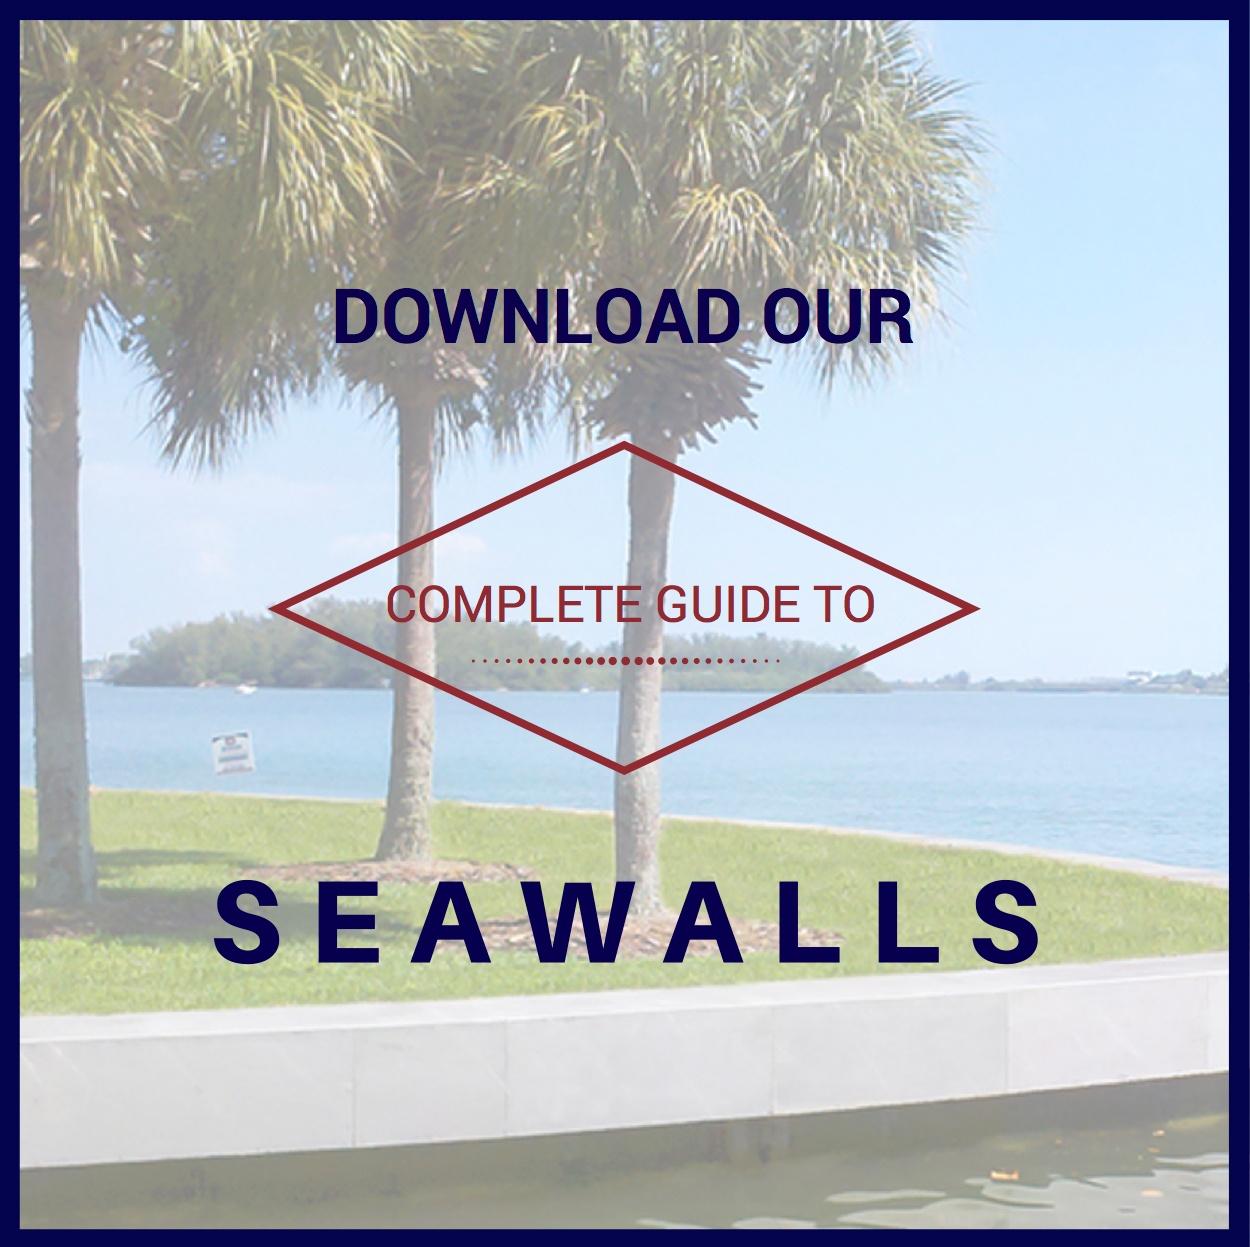 seawallssquare.jpg